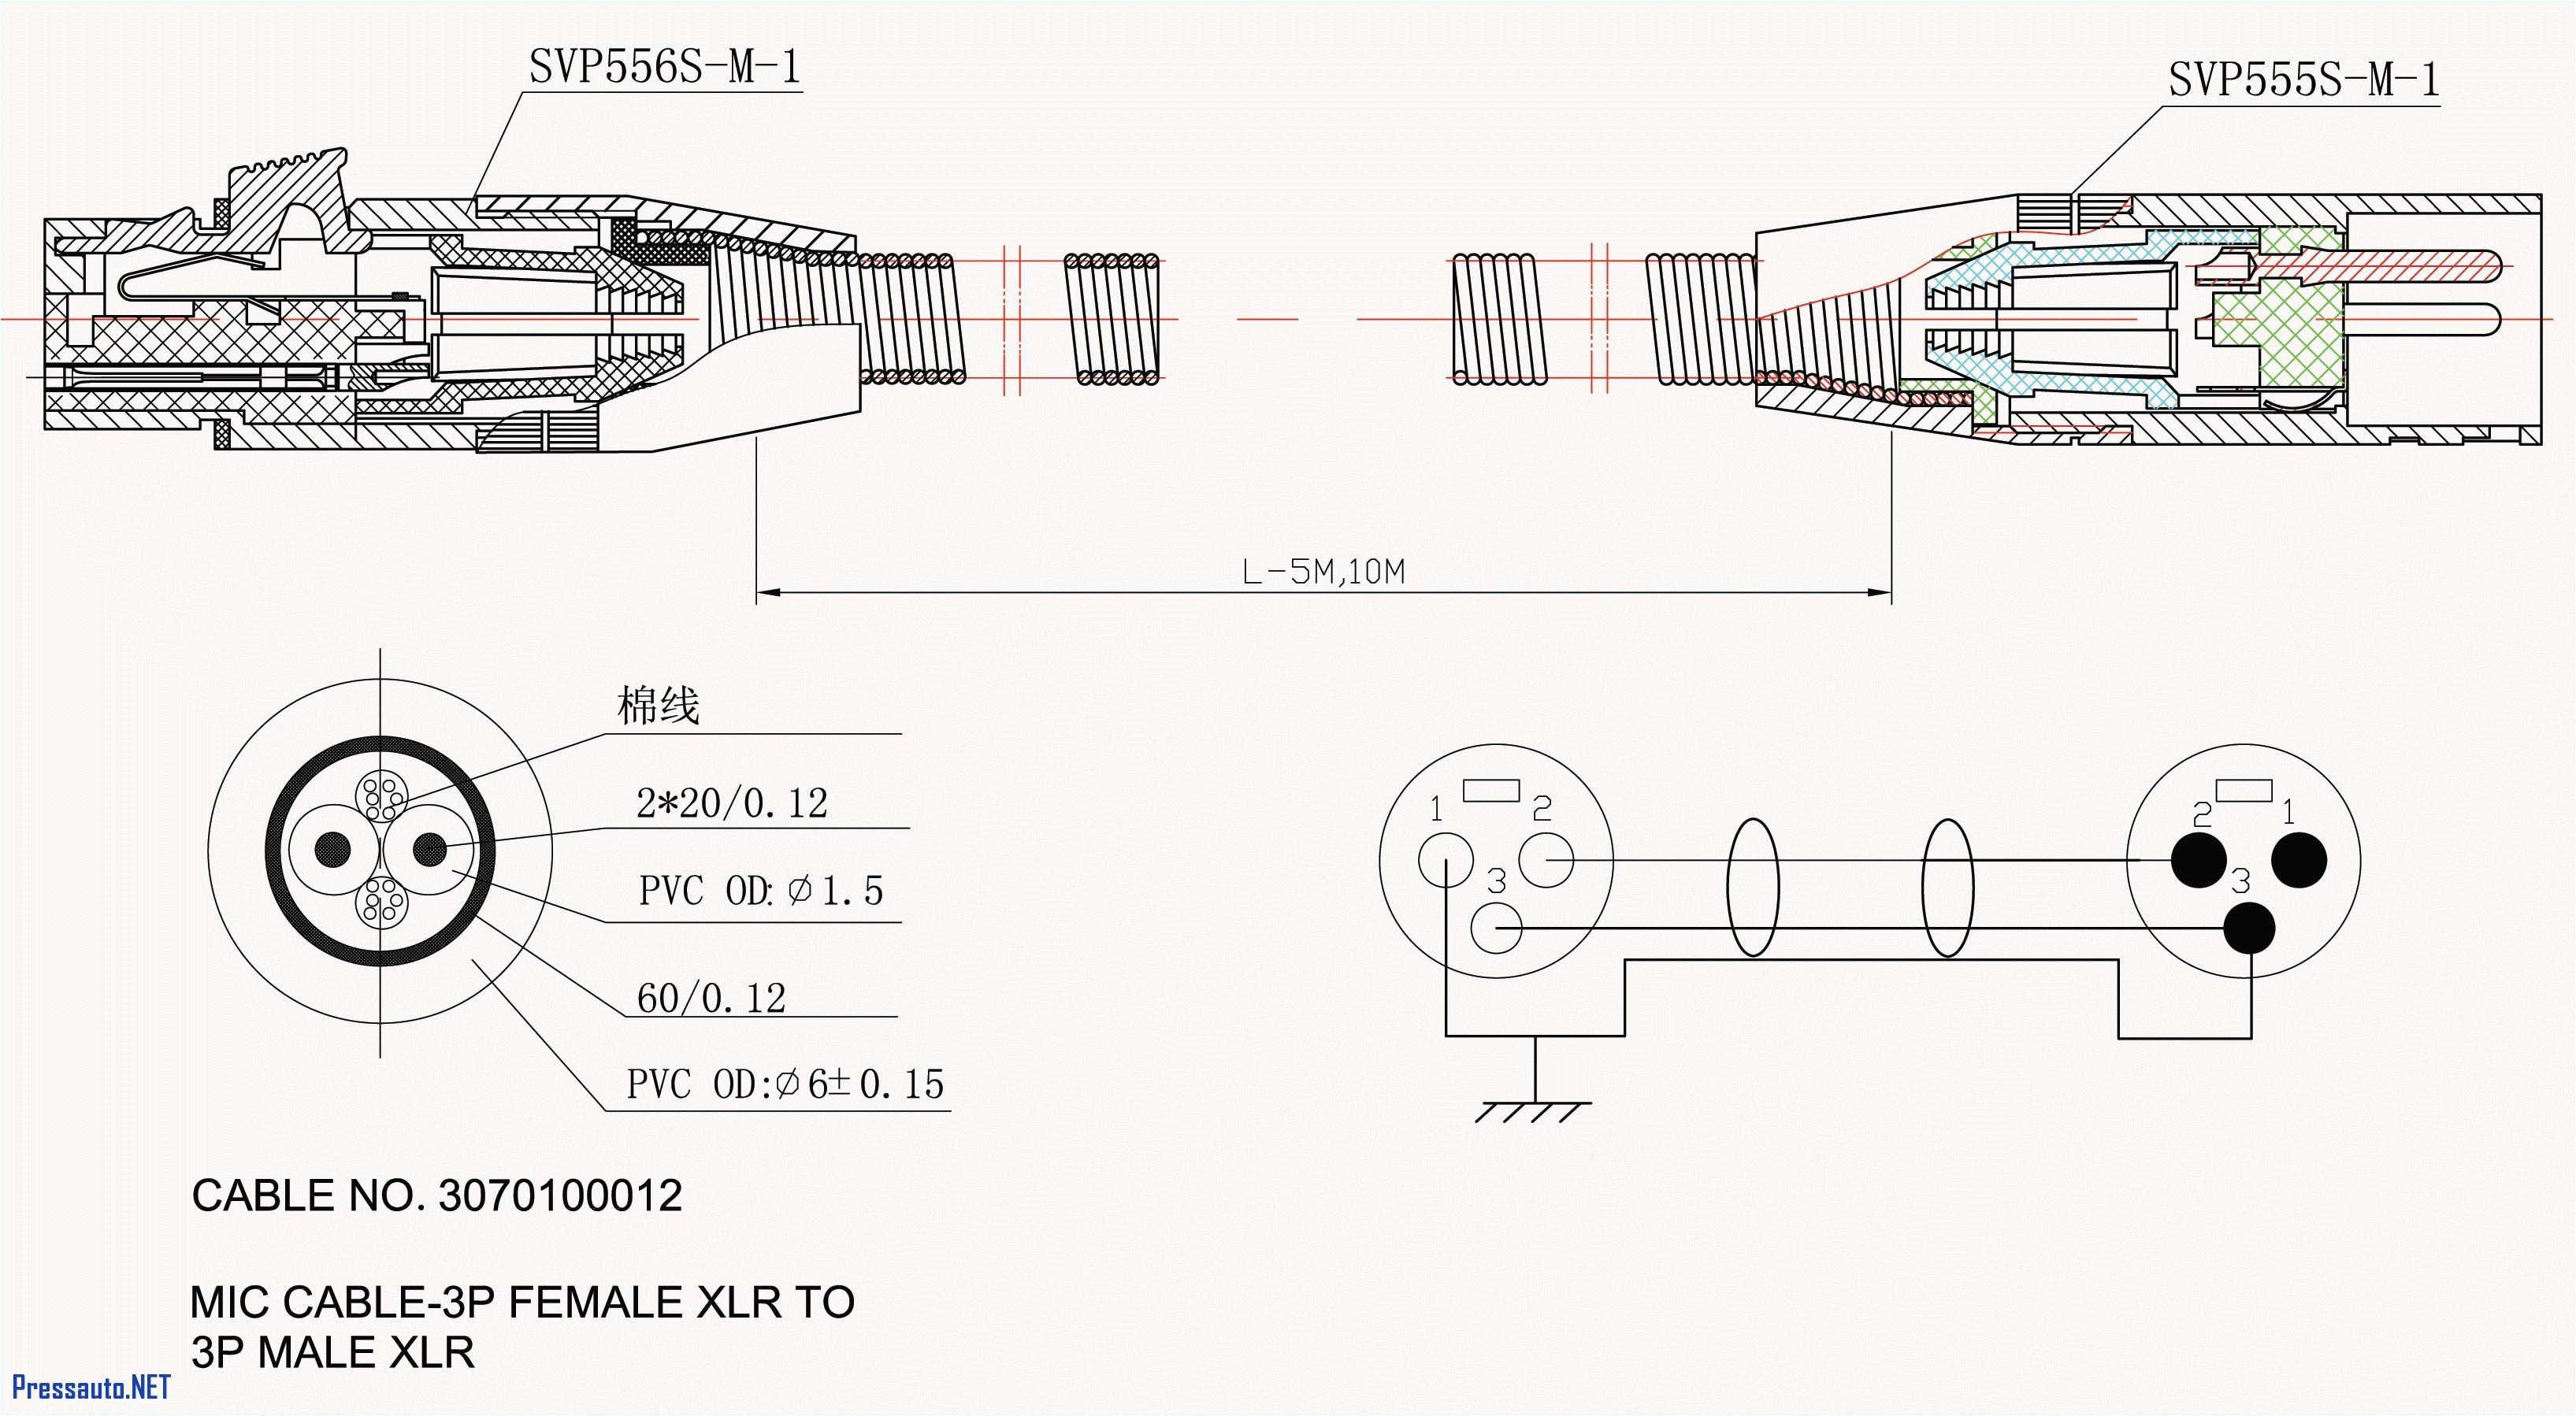 65 mustang alternator wire schematic wiring diagram centre 1965 mustang wiring diagram best of 1965 mustang